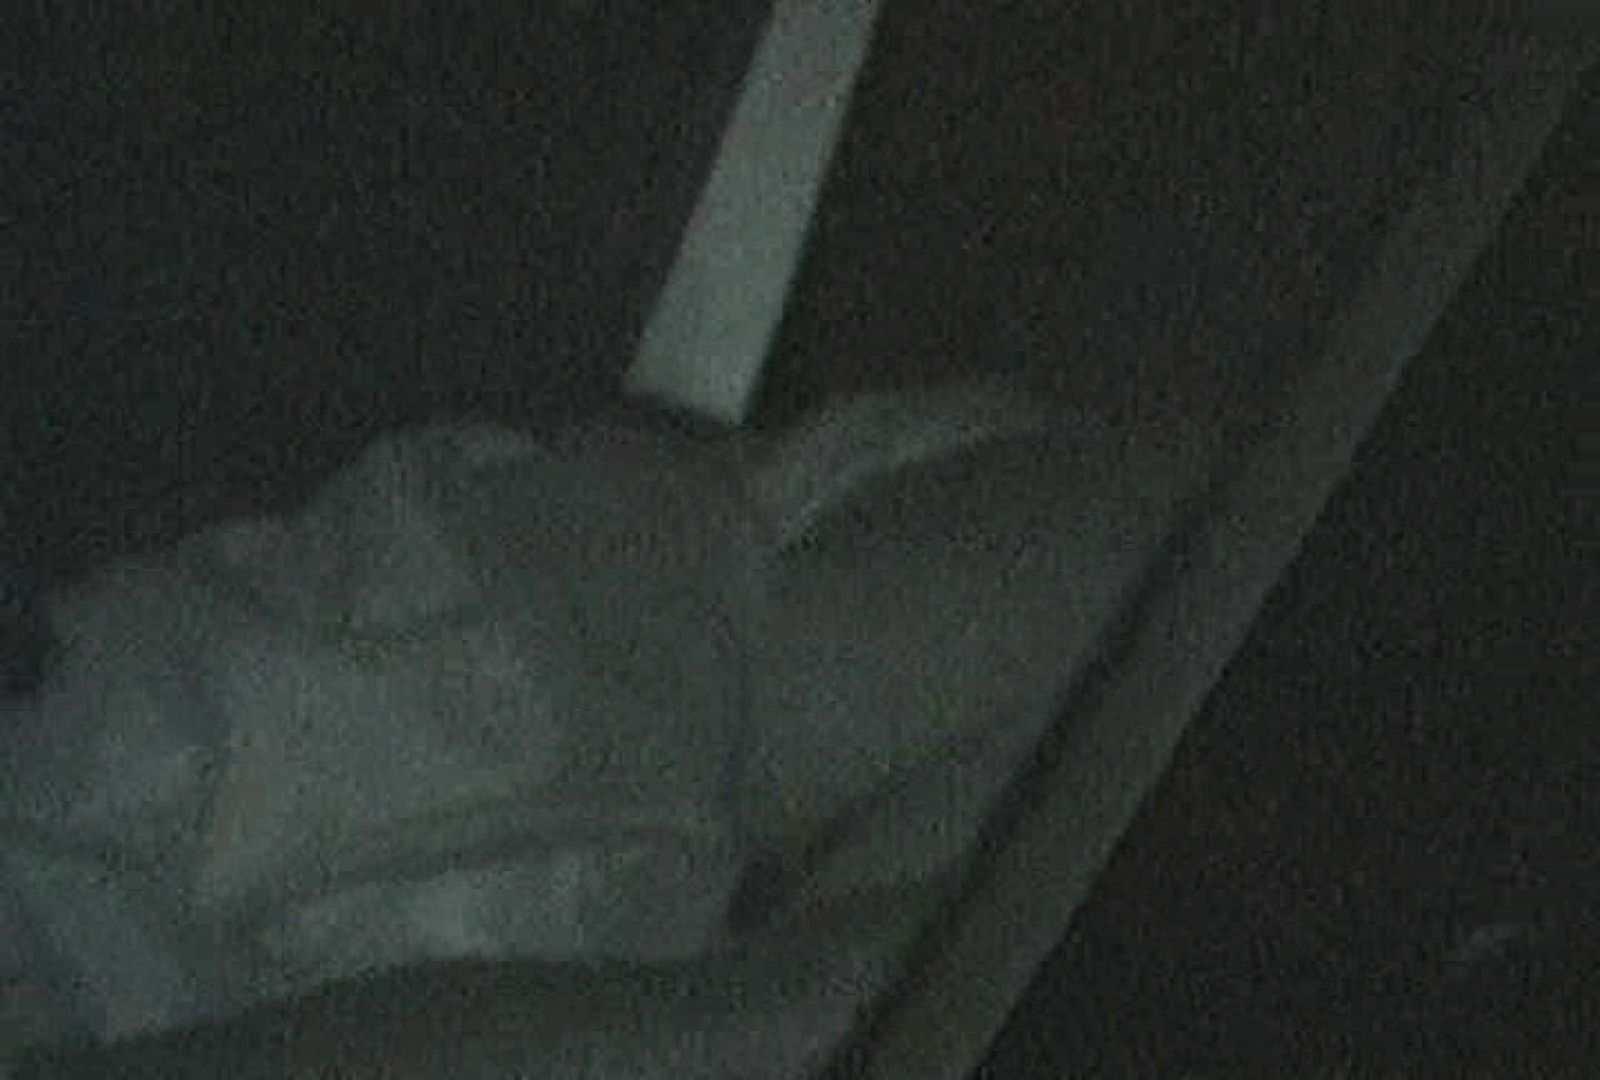 充血監督の深夜の運動会Vol.72 OLの実態 隠し撮りAV無料 59pic 44